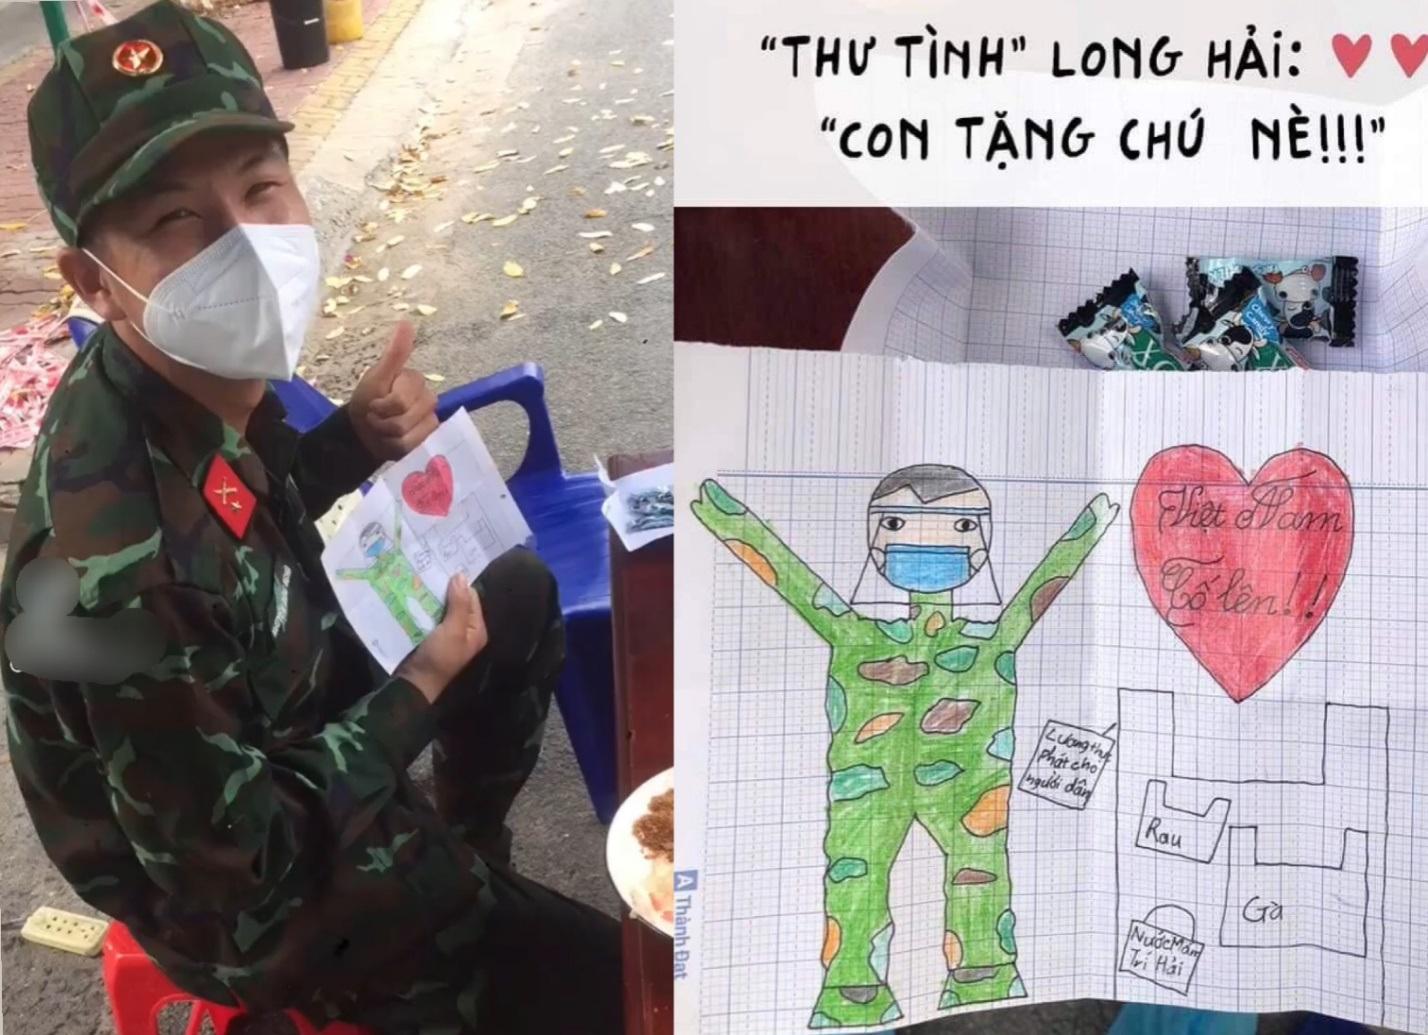 Bức thư tình đáng yêu bé gái gửi chú bộ đội cổ vũ tinh thần chống dịch - 1